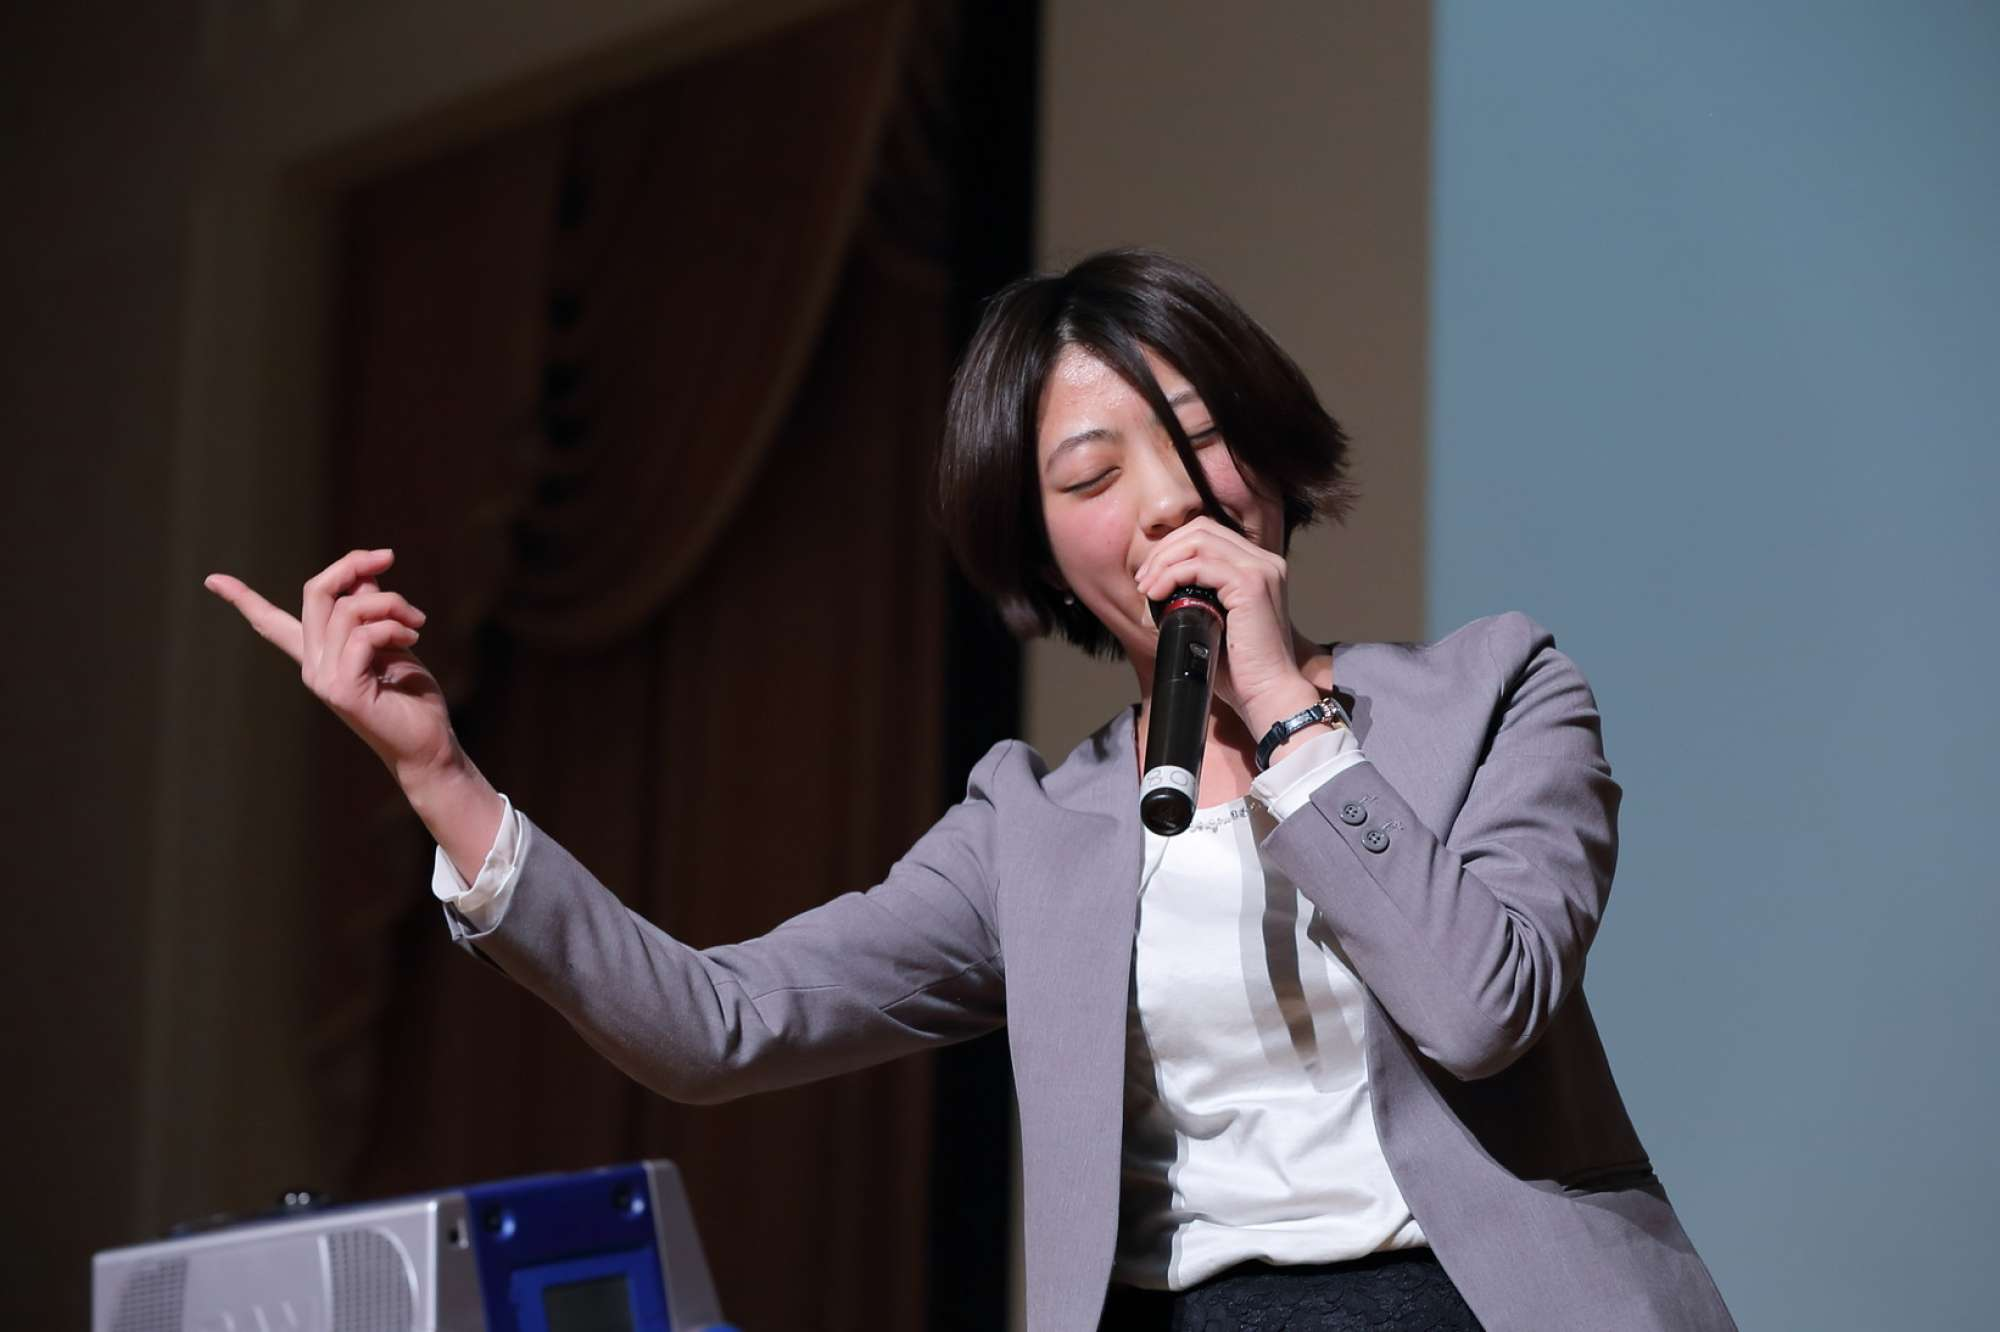 - 竹内建設創業40周年記念イベントの写真。カラオケ企画で入社一年目にもかかわらずトップバッターで渡辺真知子さんの「かもめが翔んだ日」を熱唱しました(笑) -